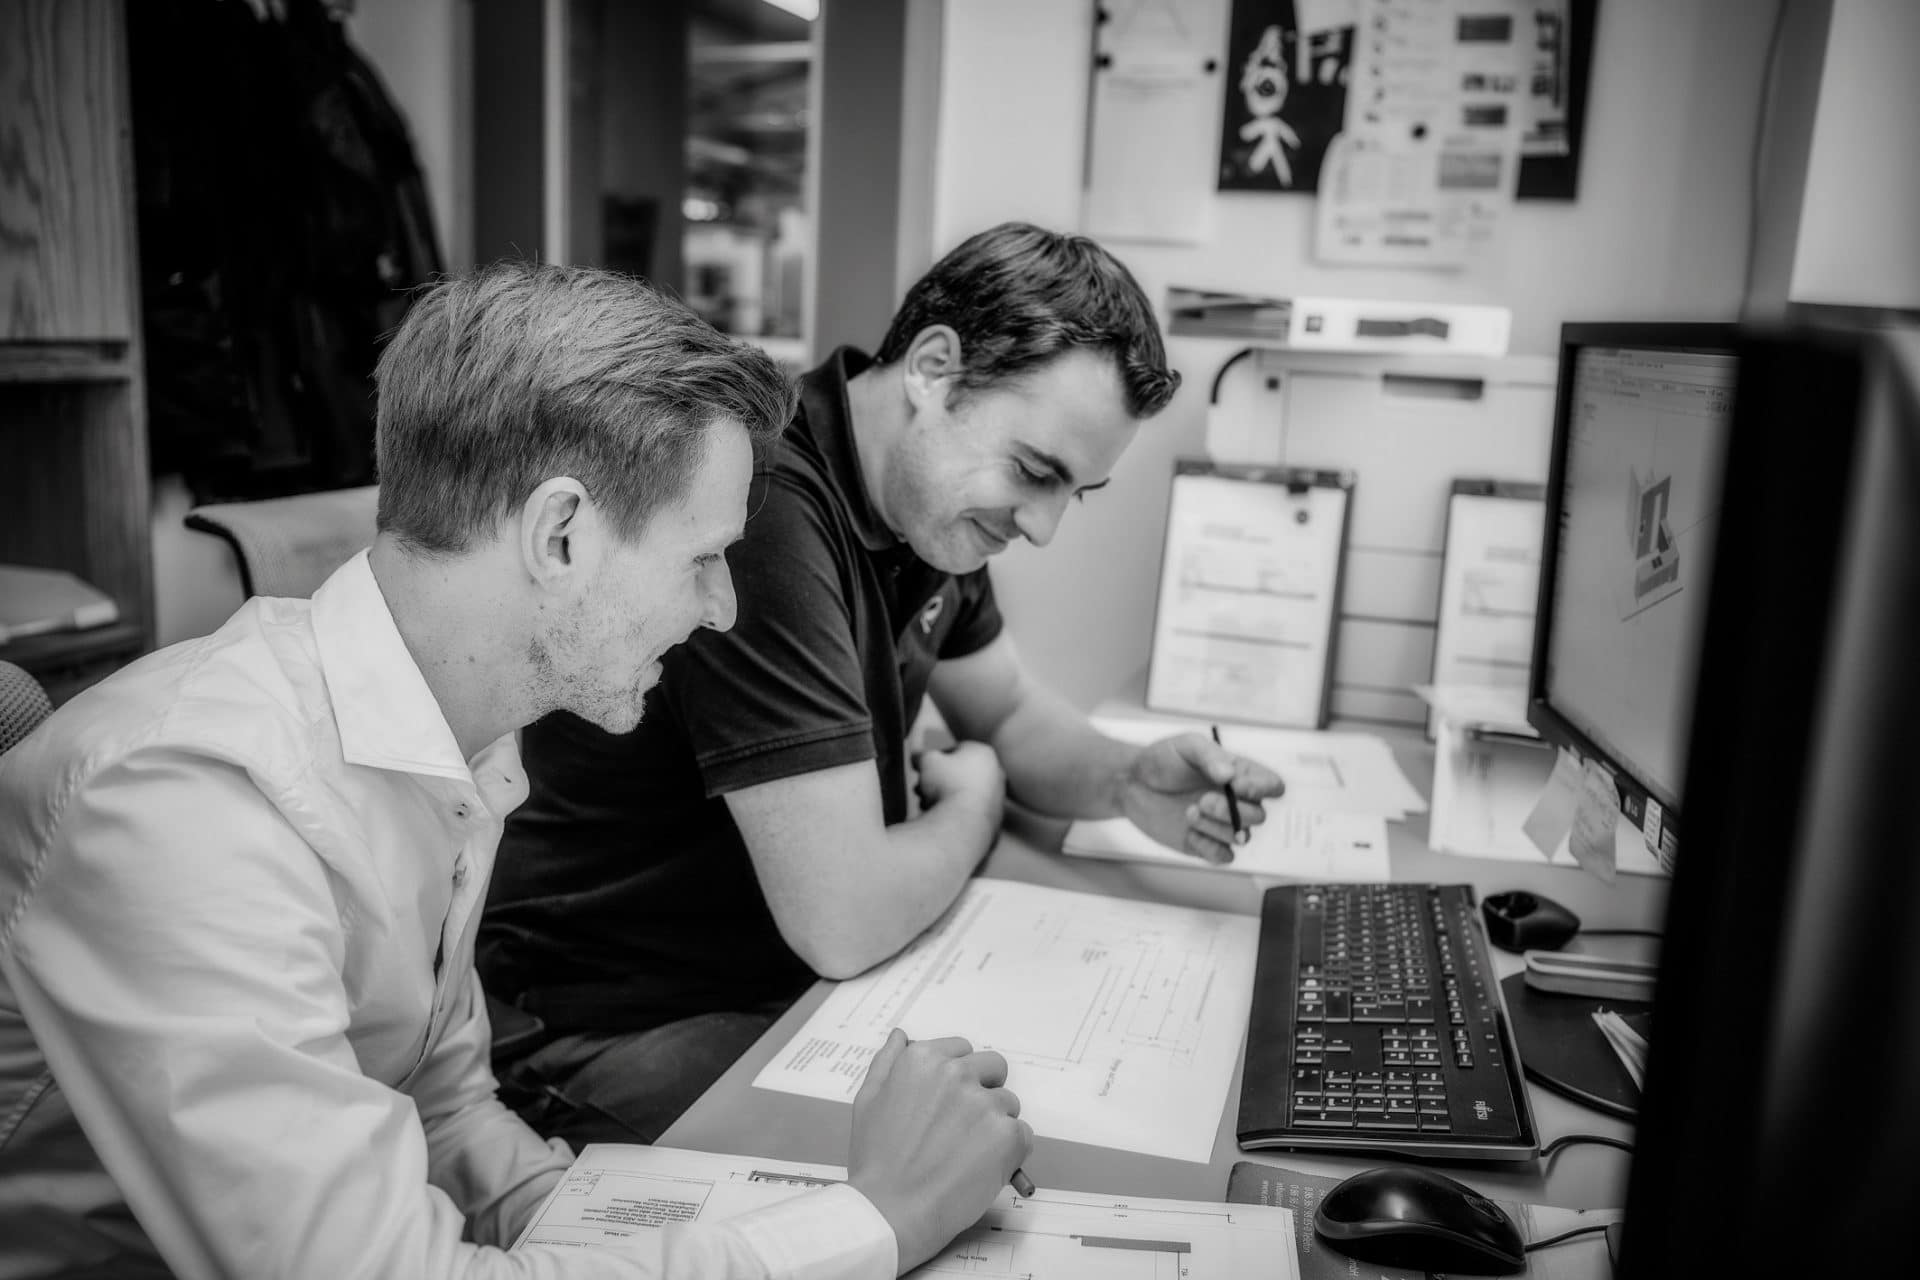 Innenarchitektur - Johannes Voit entwirft mit einem Innenarchitekten eine Einbaulösung inkl. Küche am PC